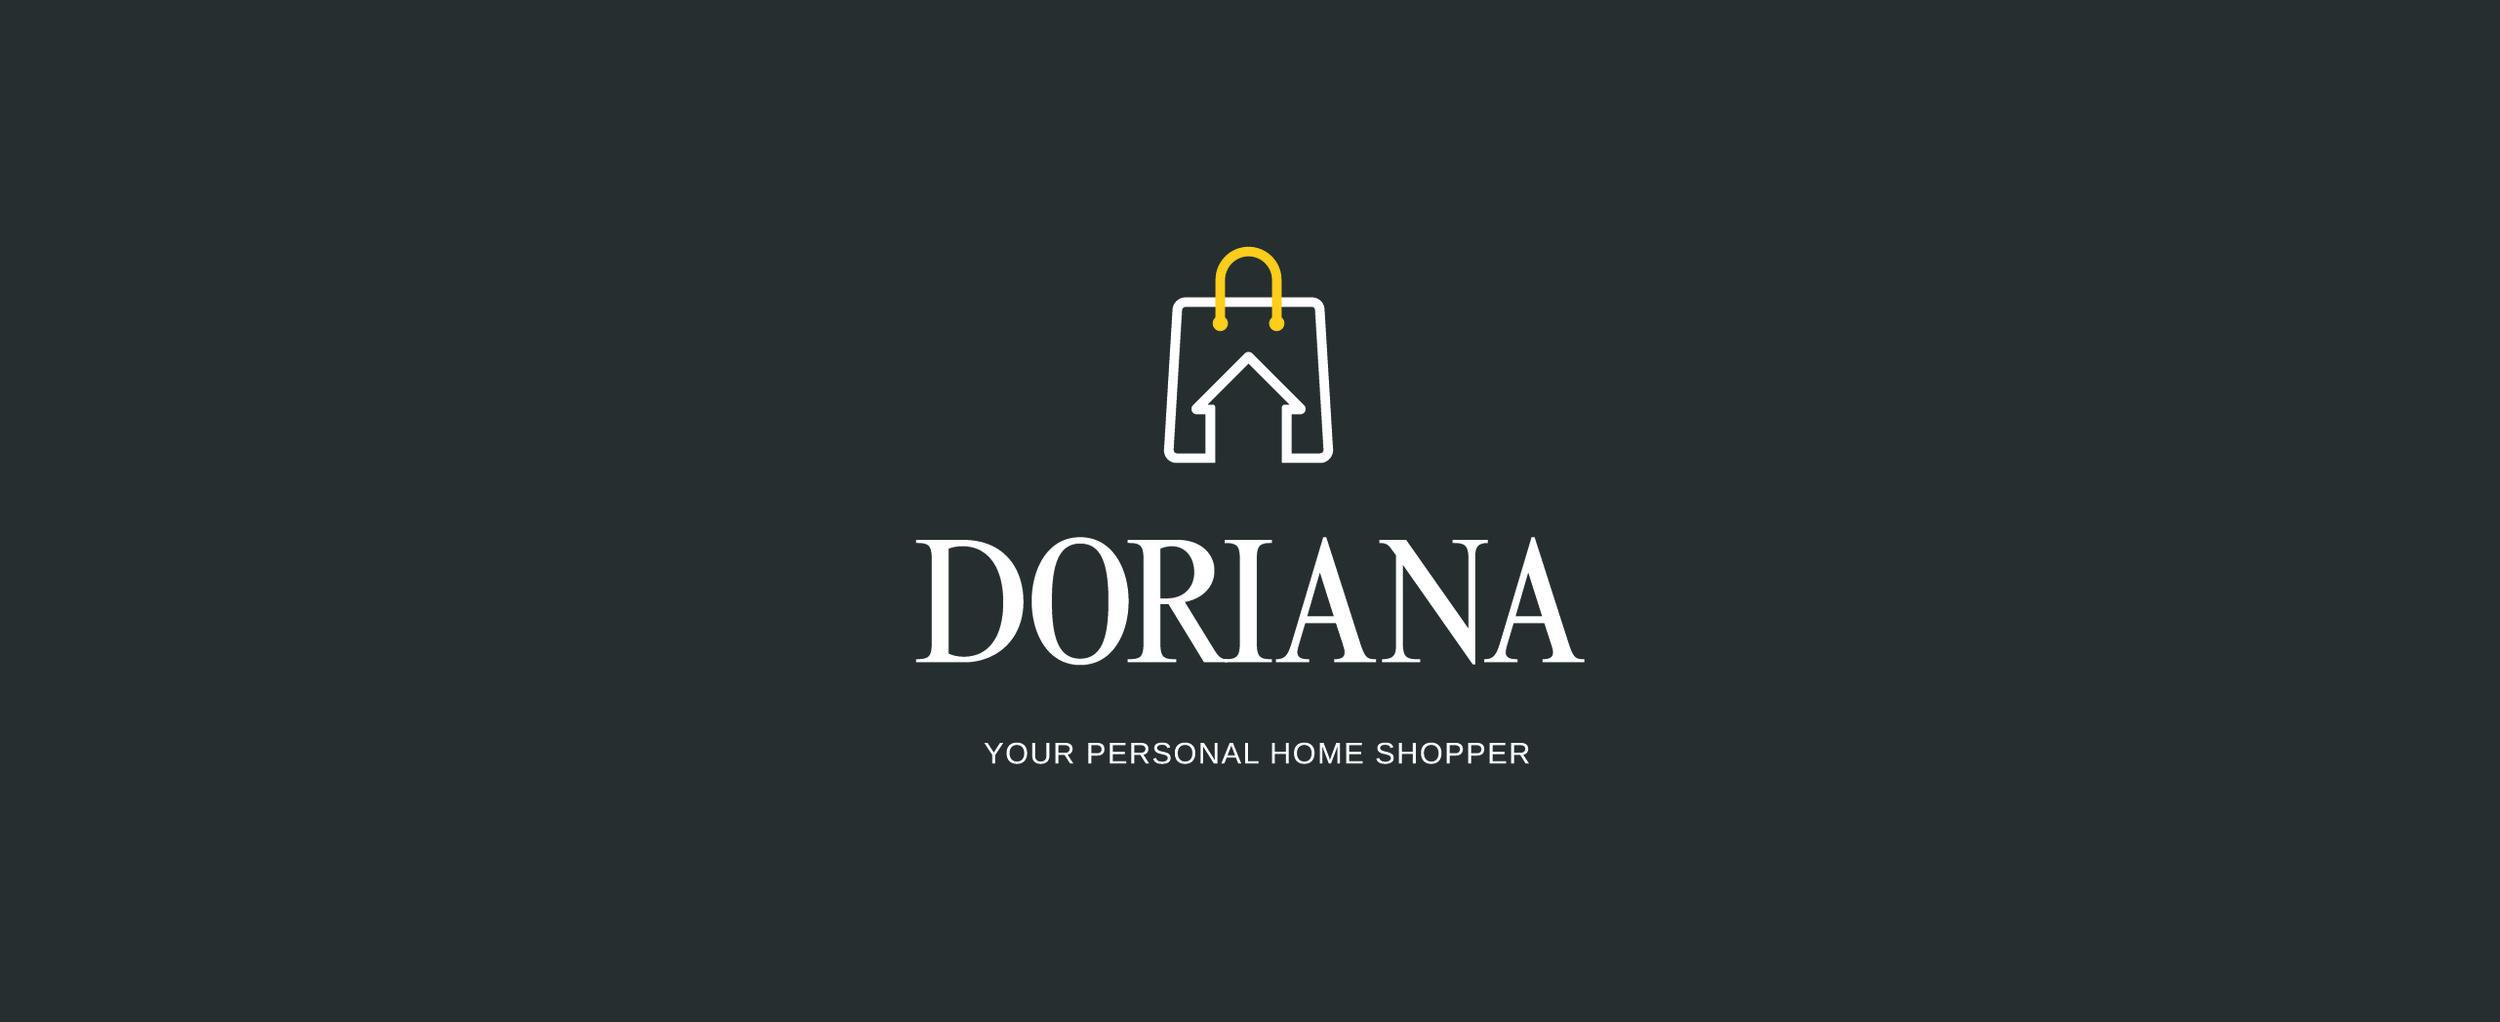 doriana-logo-darkbg-100.jpg